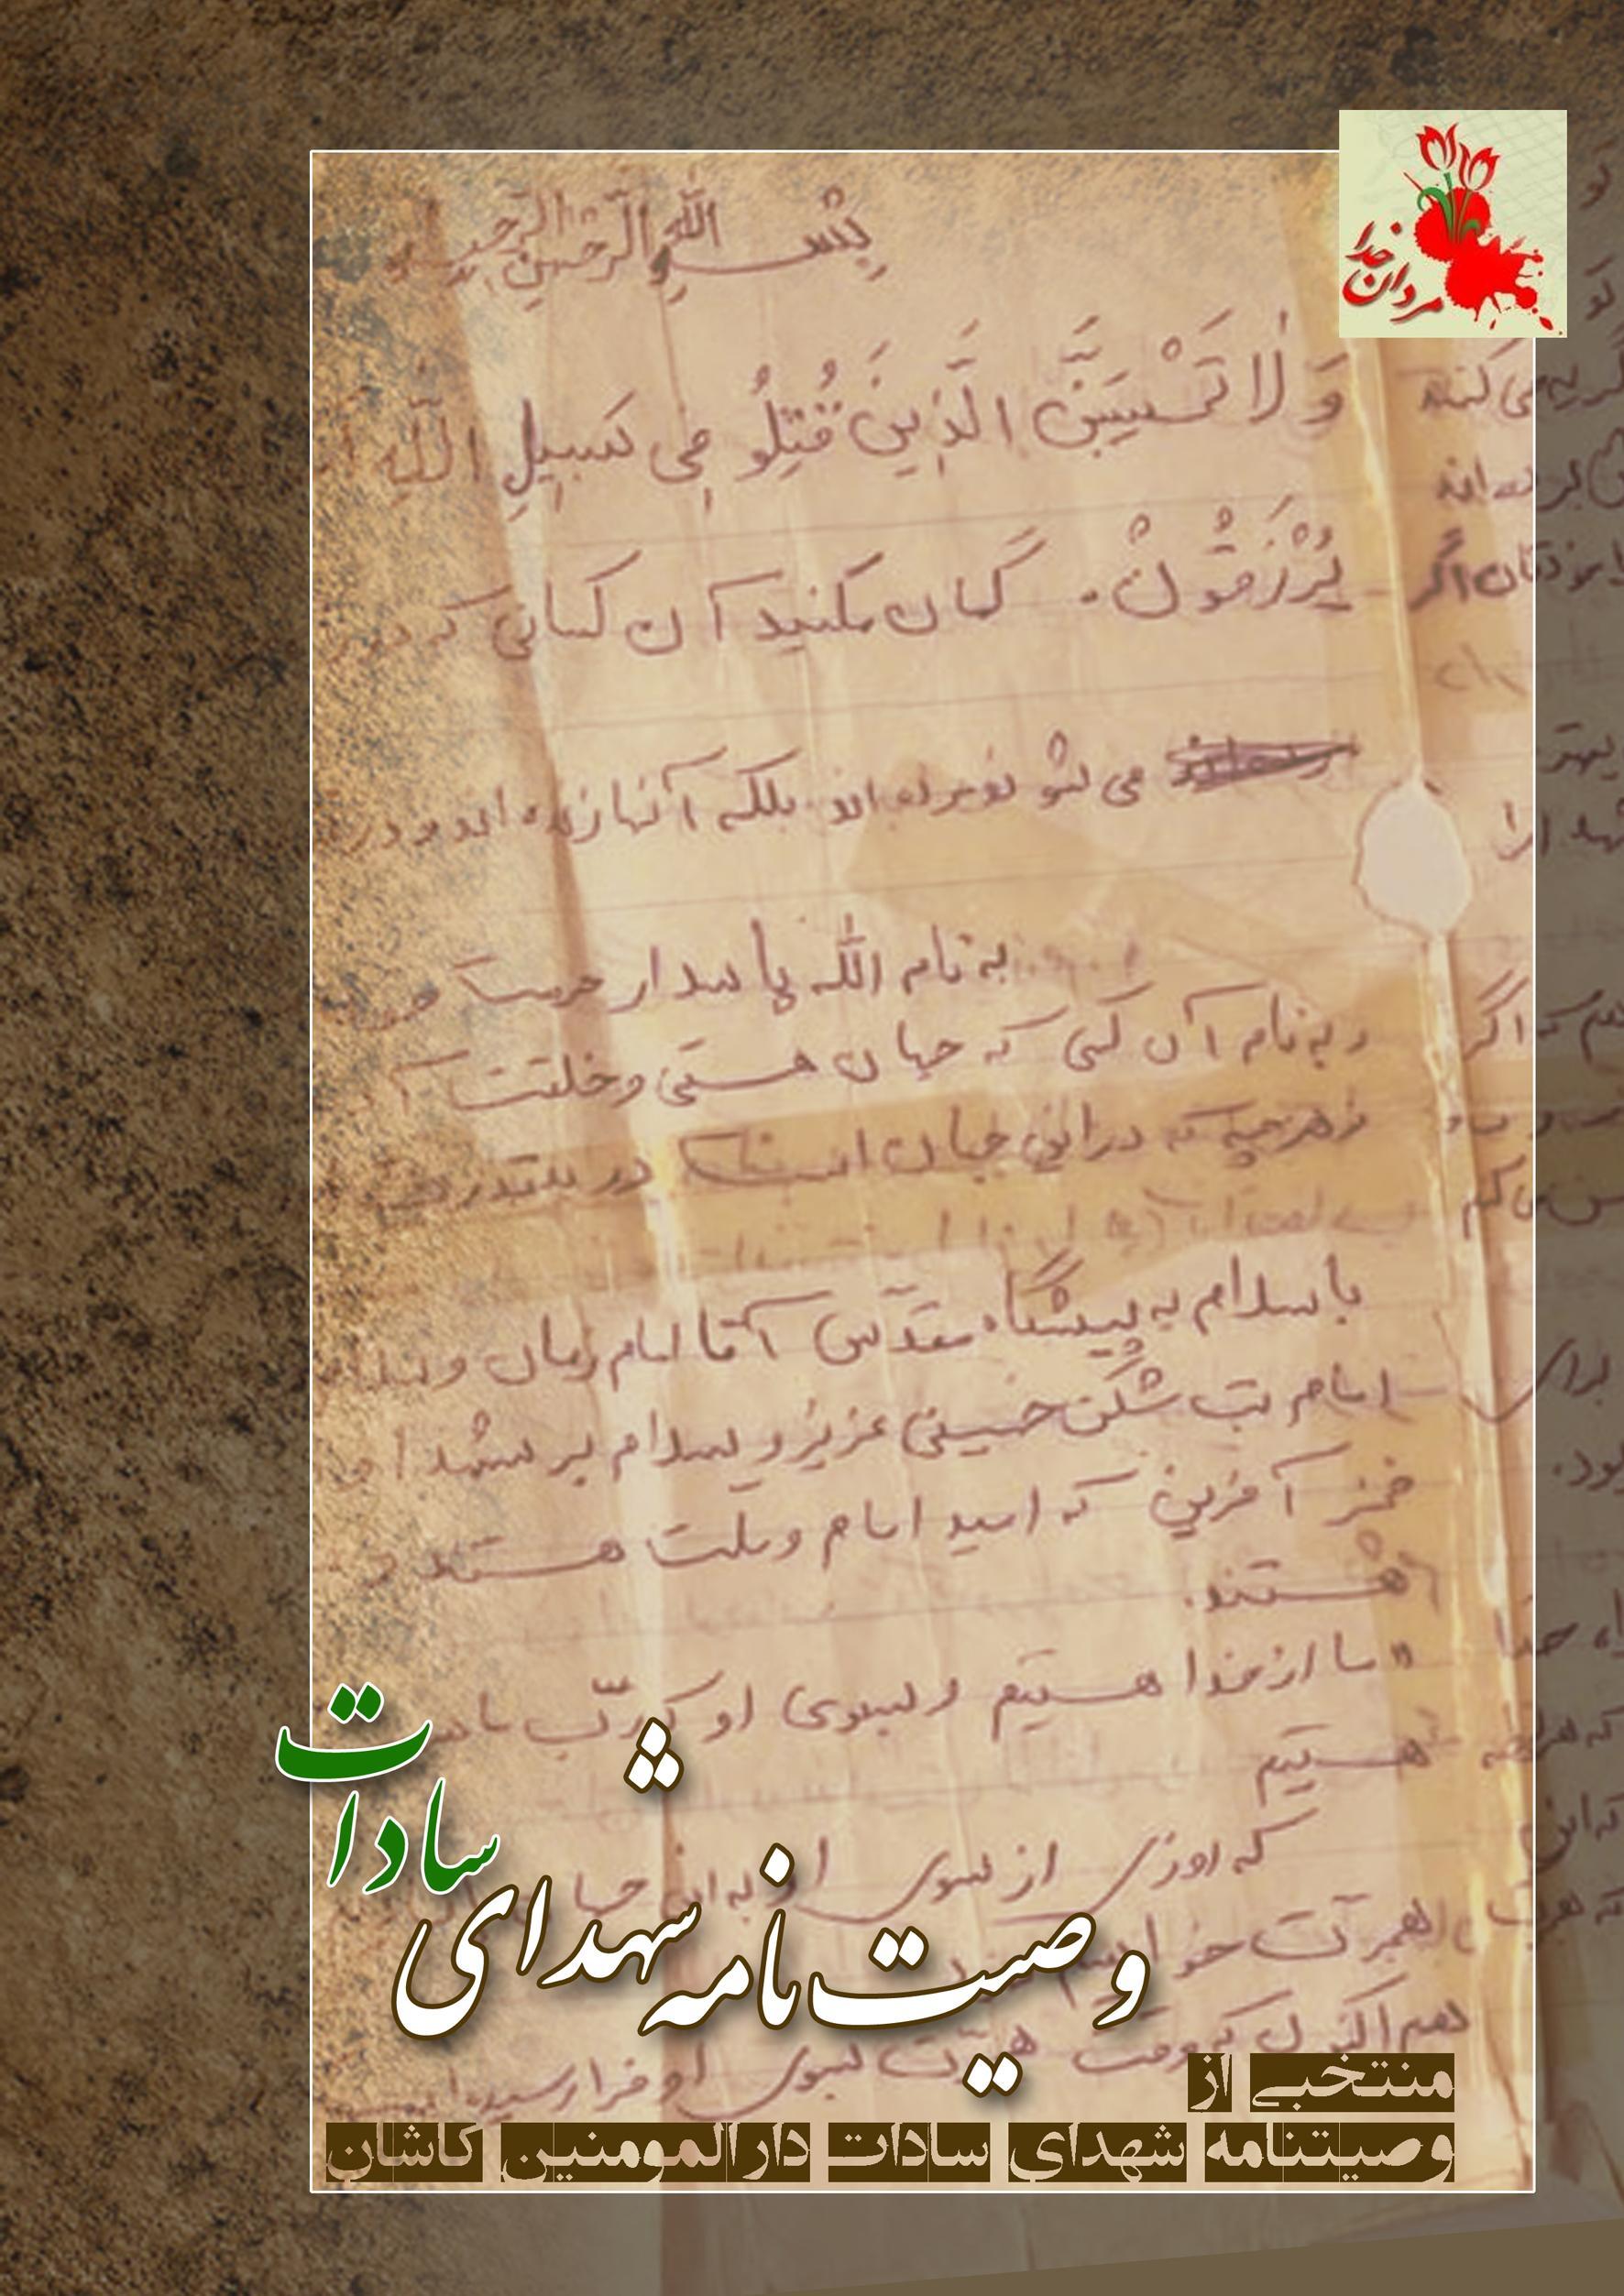 فرازهایی از وصیتنامه شهدای سادات